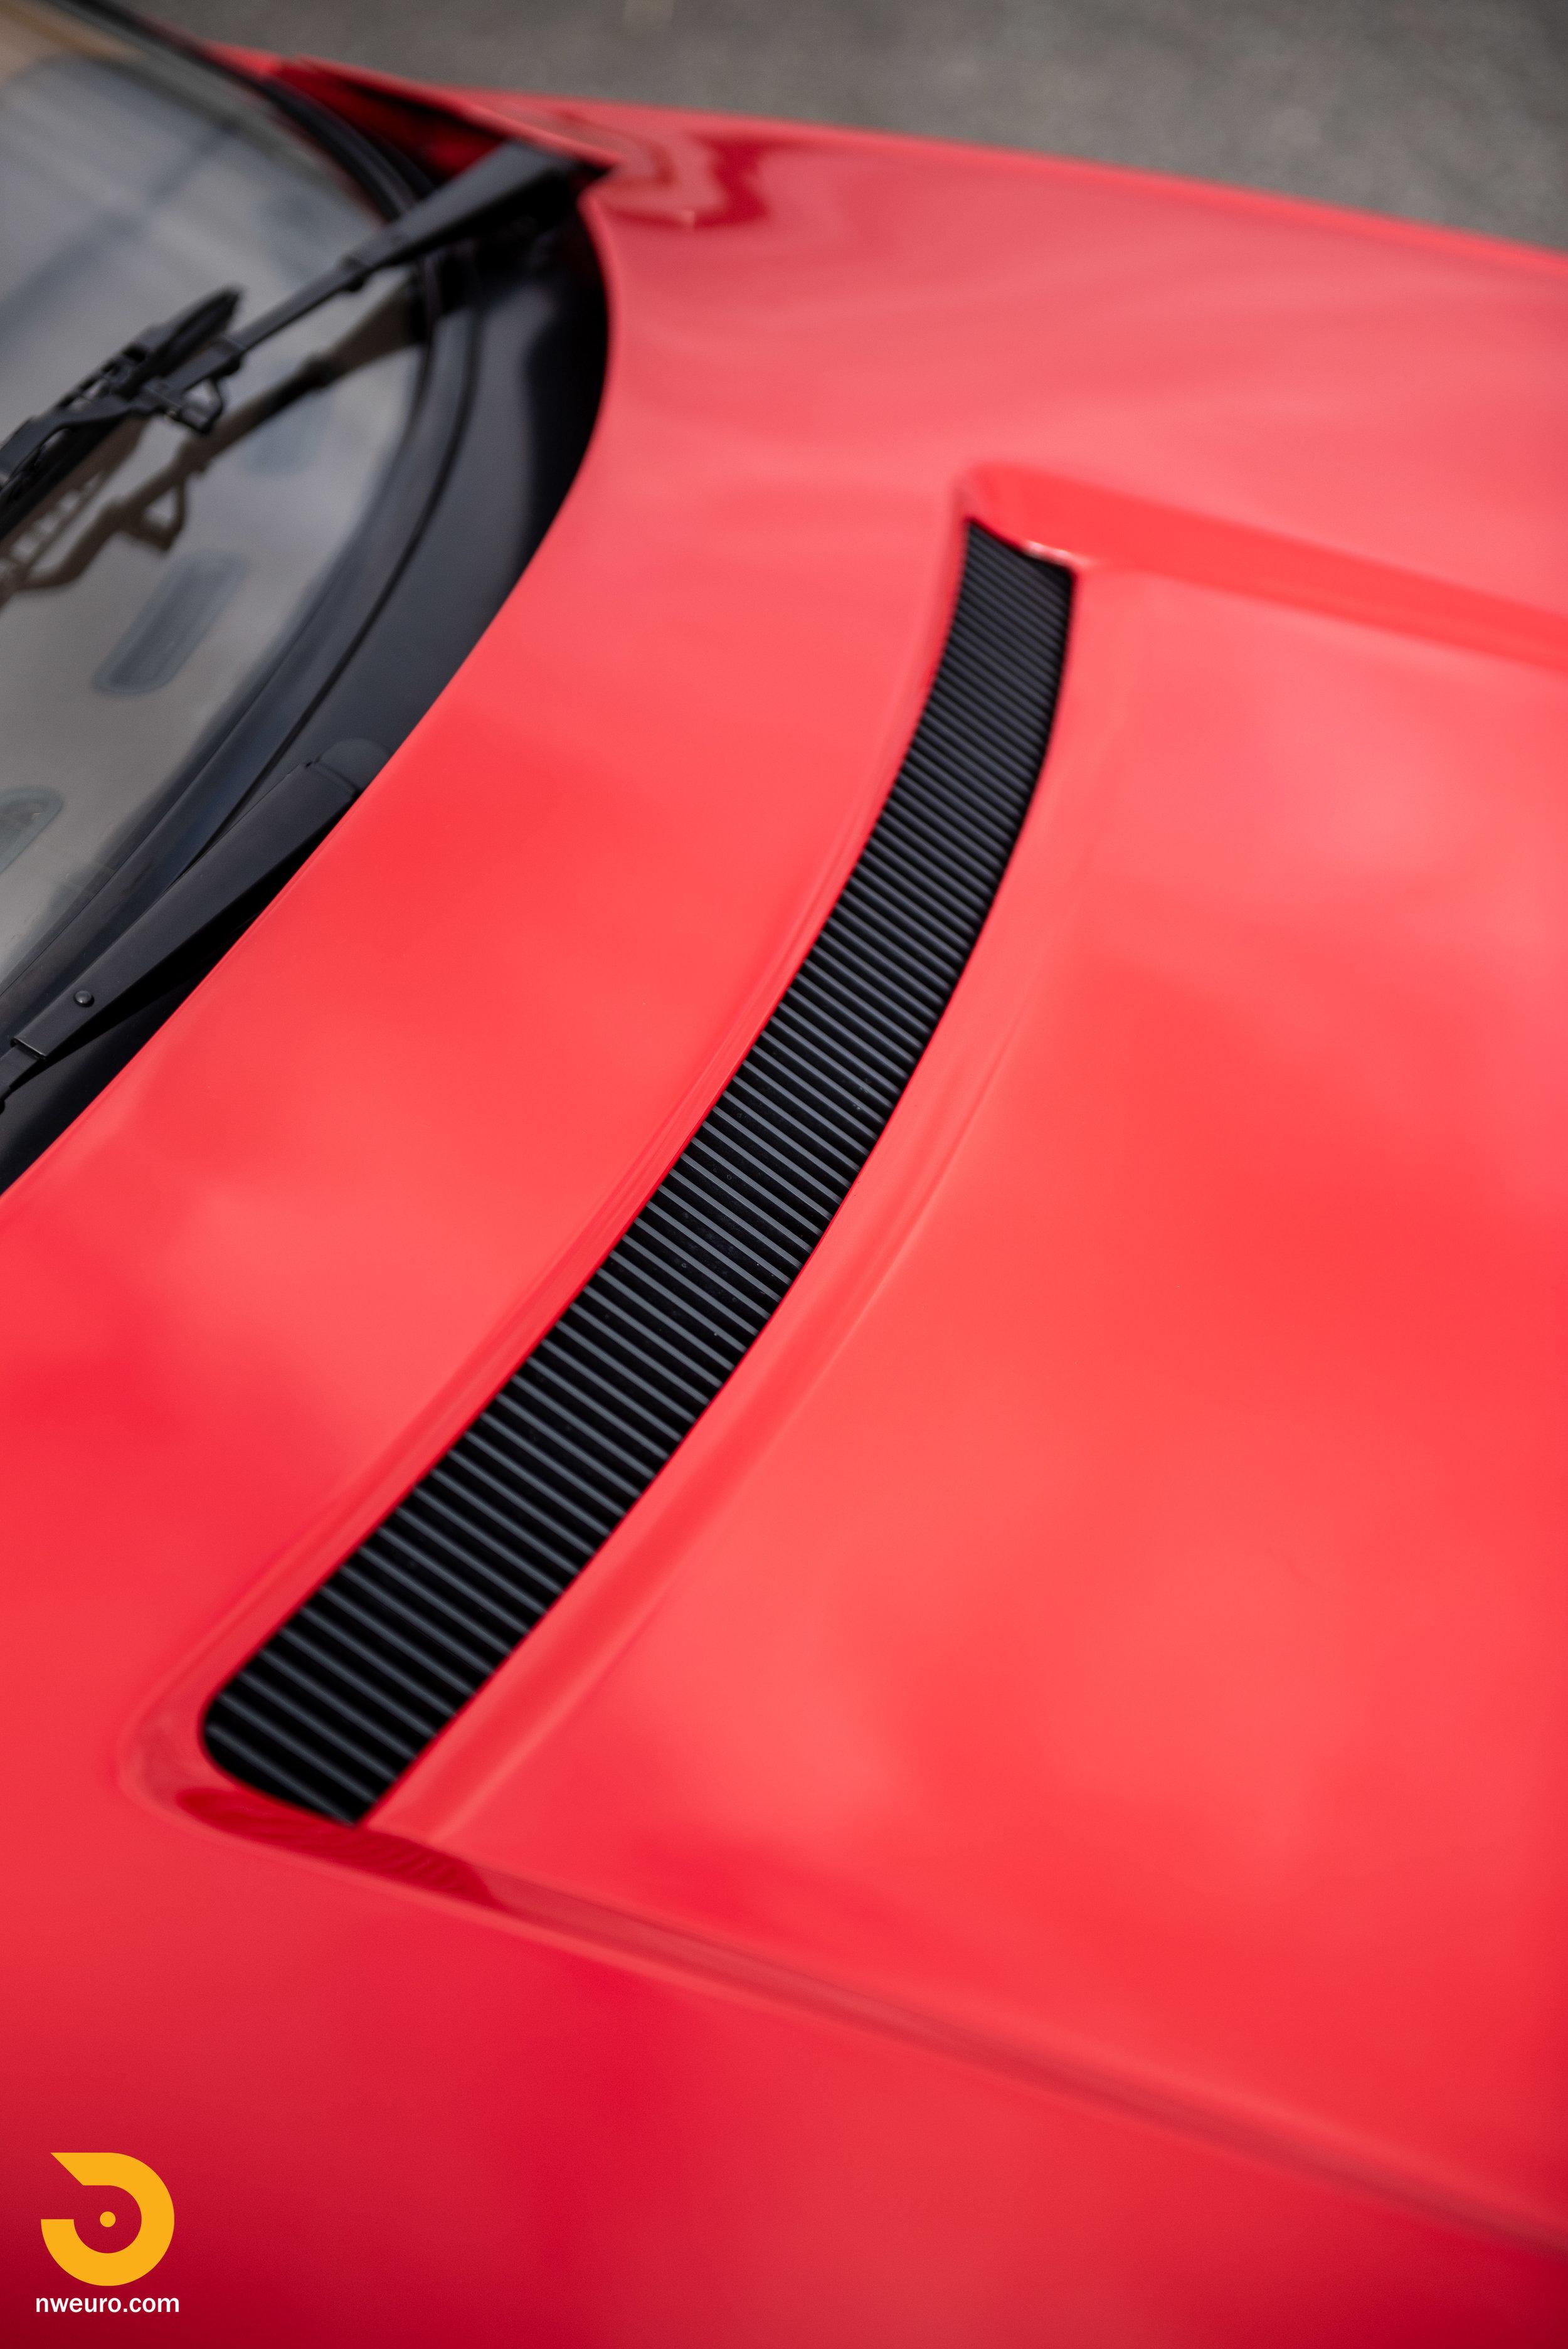 1988 Ferrari Testarossa-17.jpg